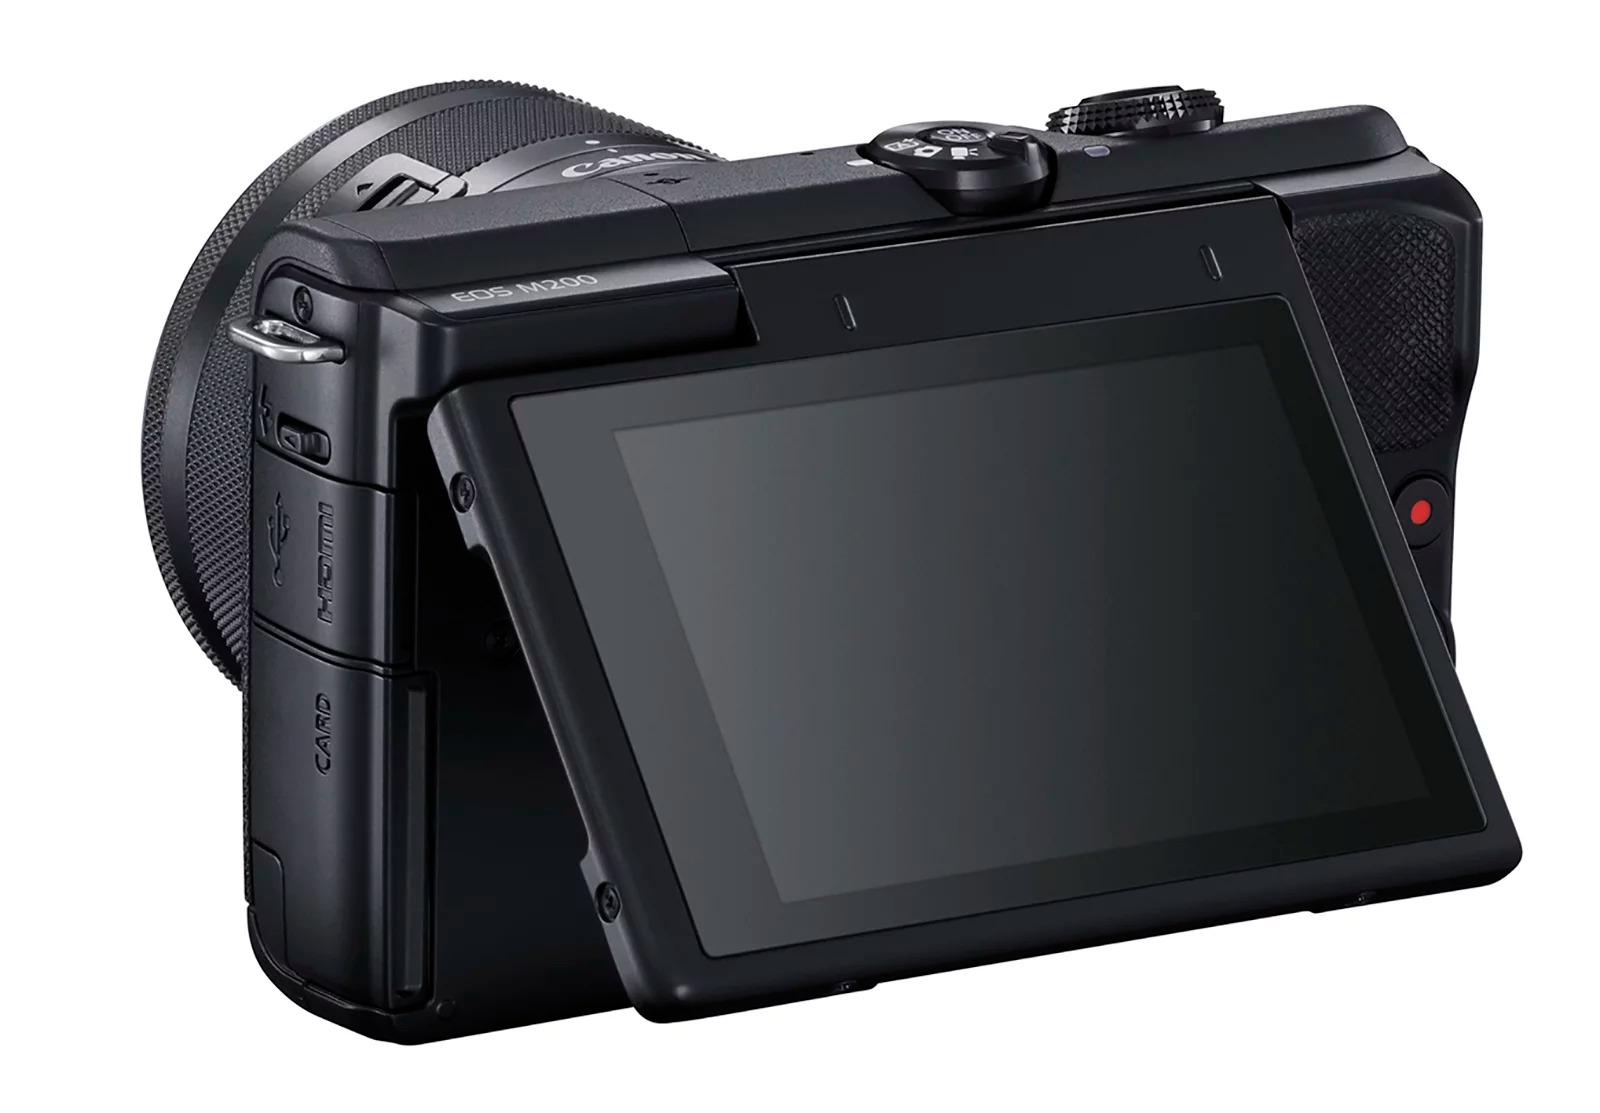 Canon trình làng máy ảnh mirrorless entry-level EOS M200: nhận diện mắt và quay video 4K